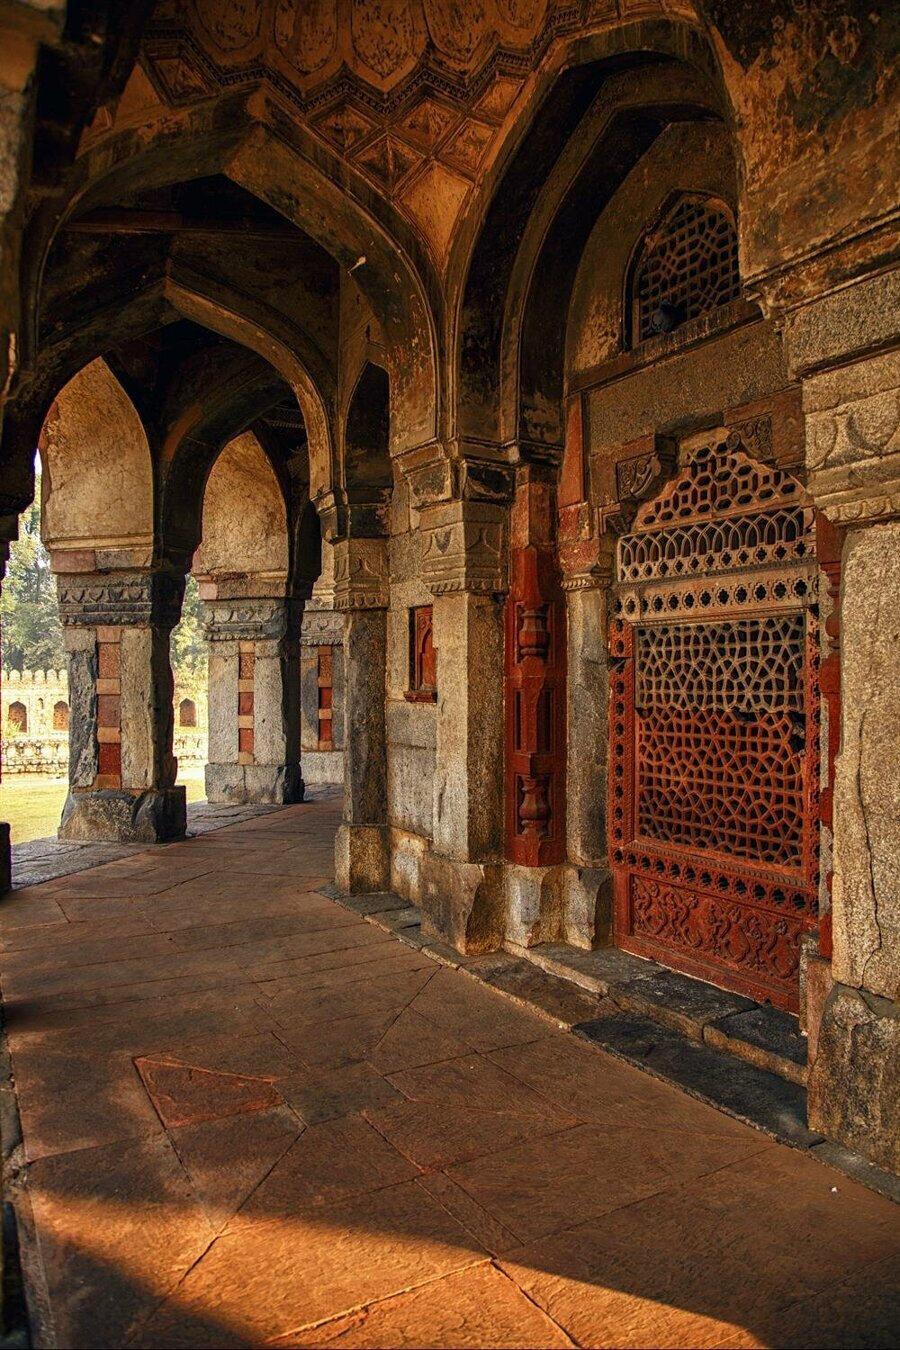 Türbenin dış koridorlarında, oyuklu kemerlerle İran mimarisi ve ince işlemelerle Hind mimarisi, bir uyum içerisinde kendine yer buluyor.